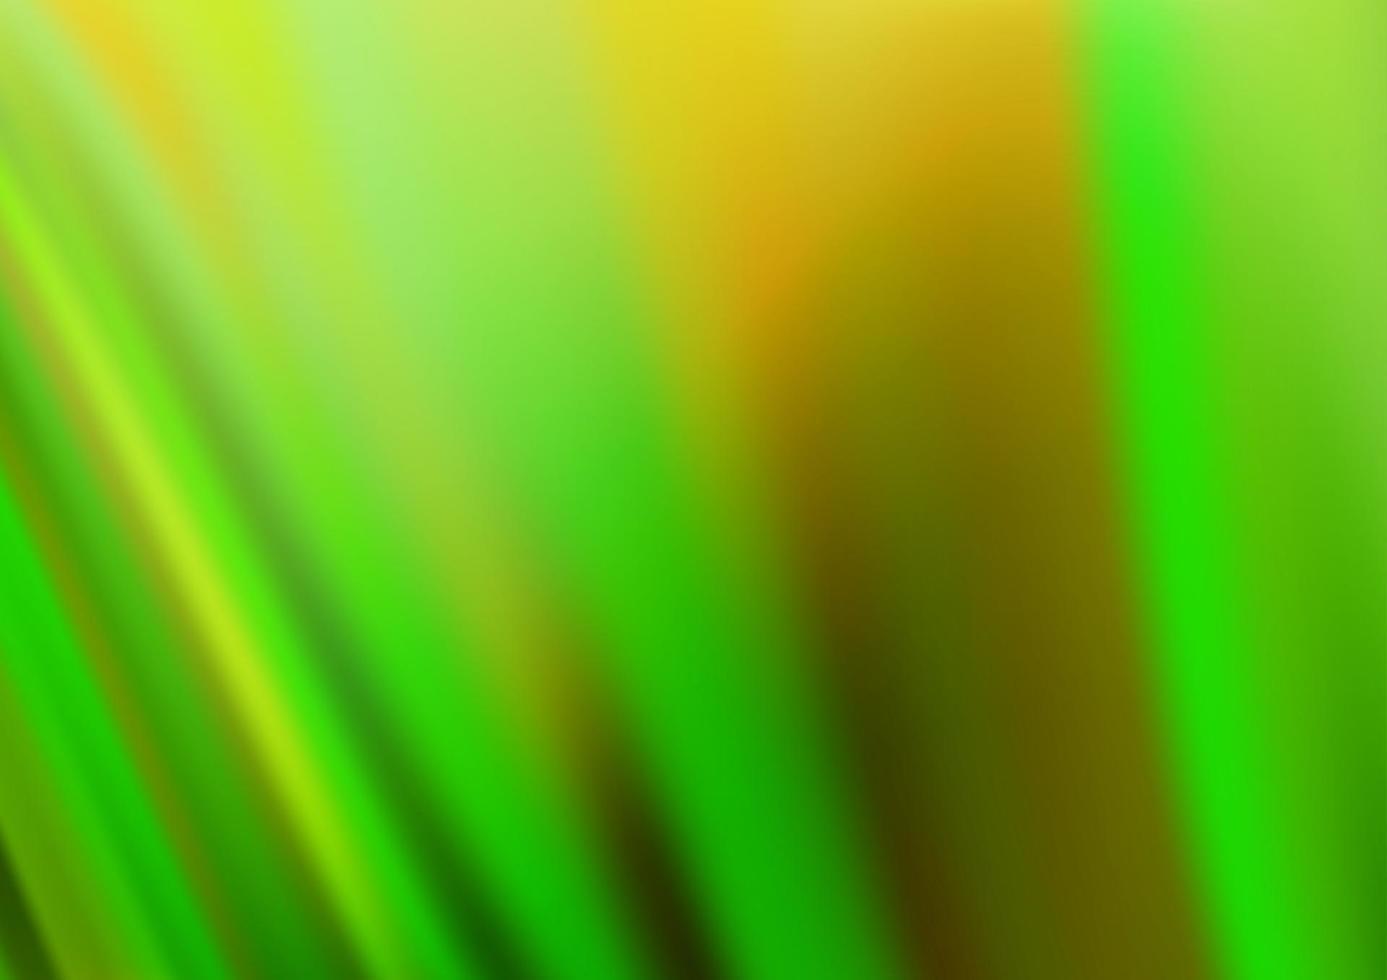 modelo de vetor verde claro com formas líquidas.